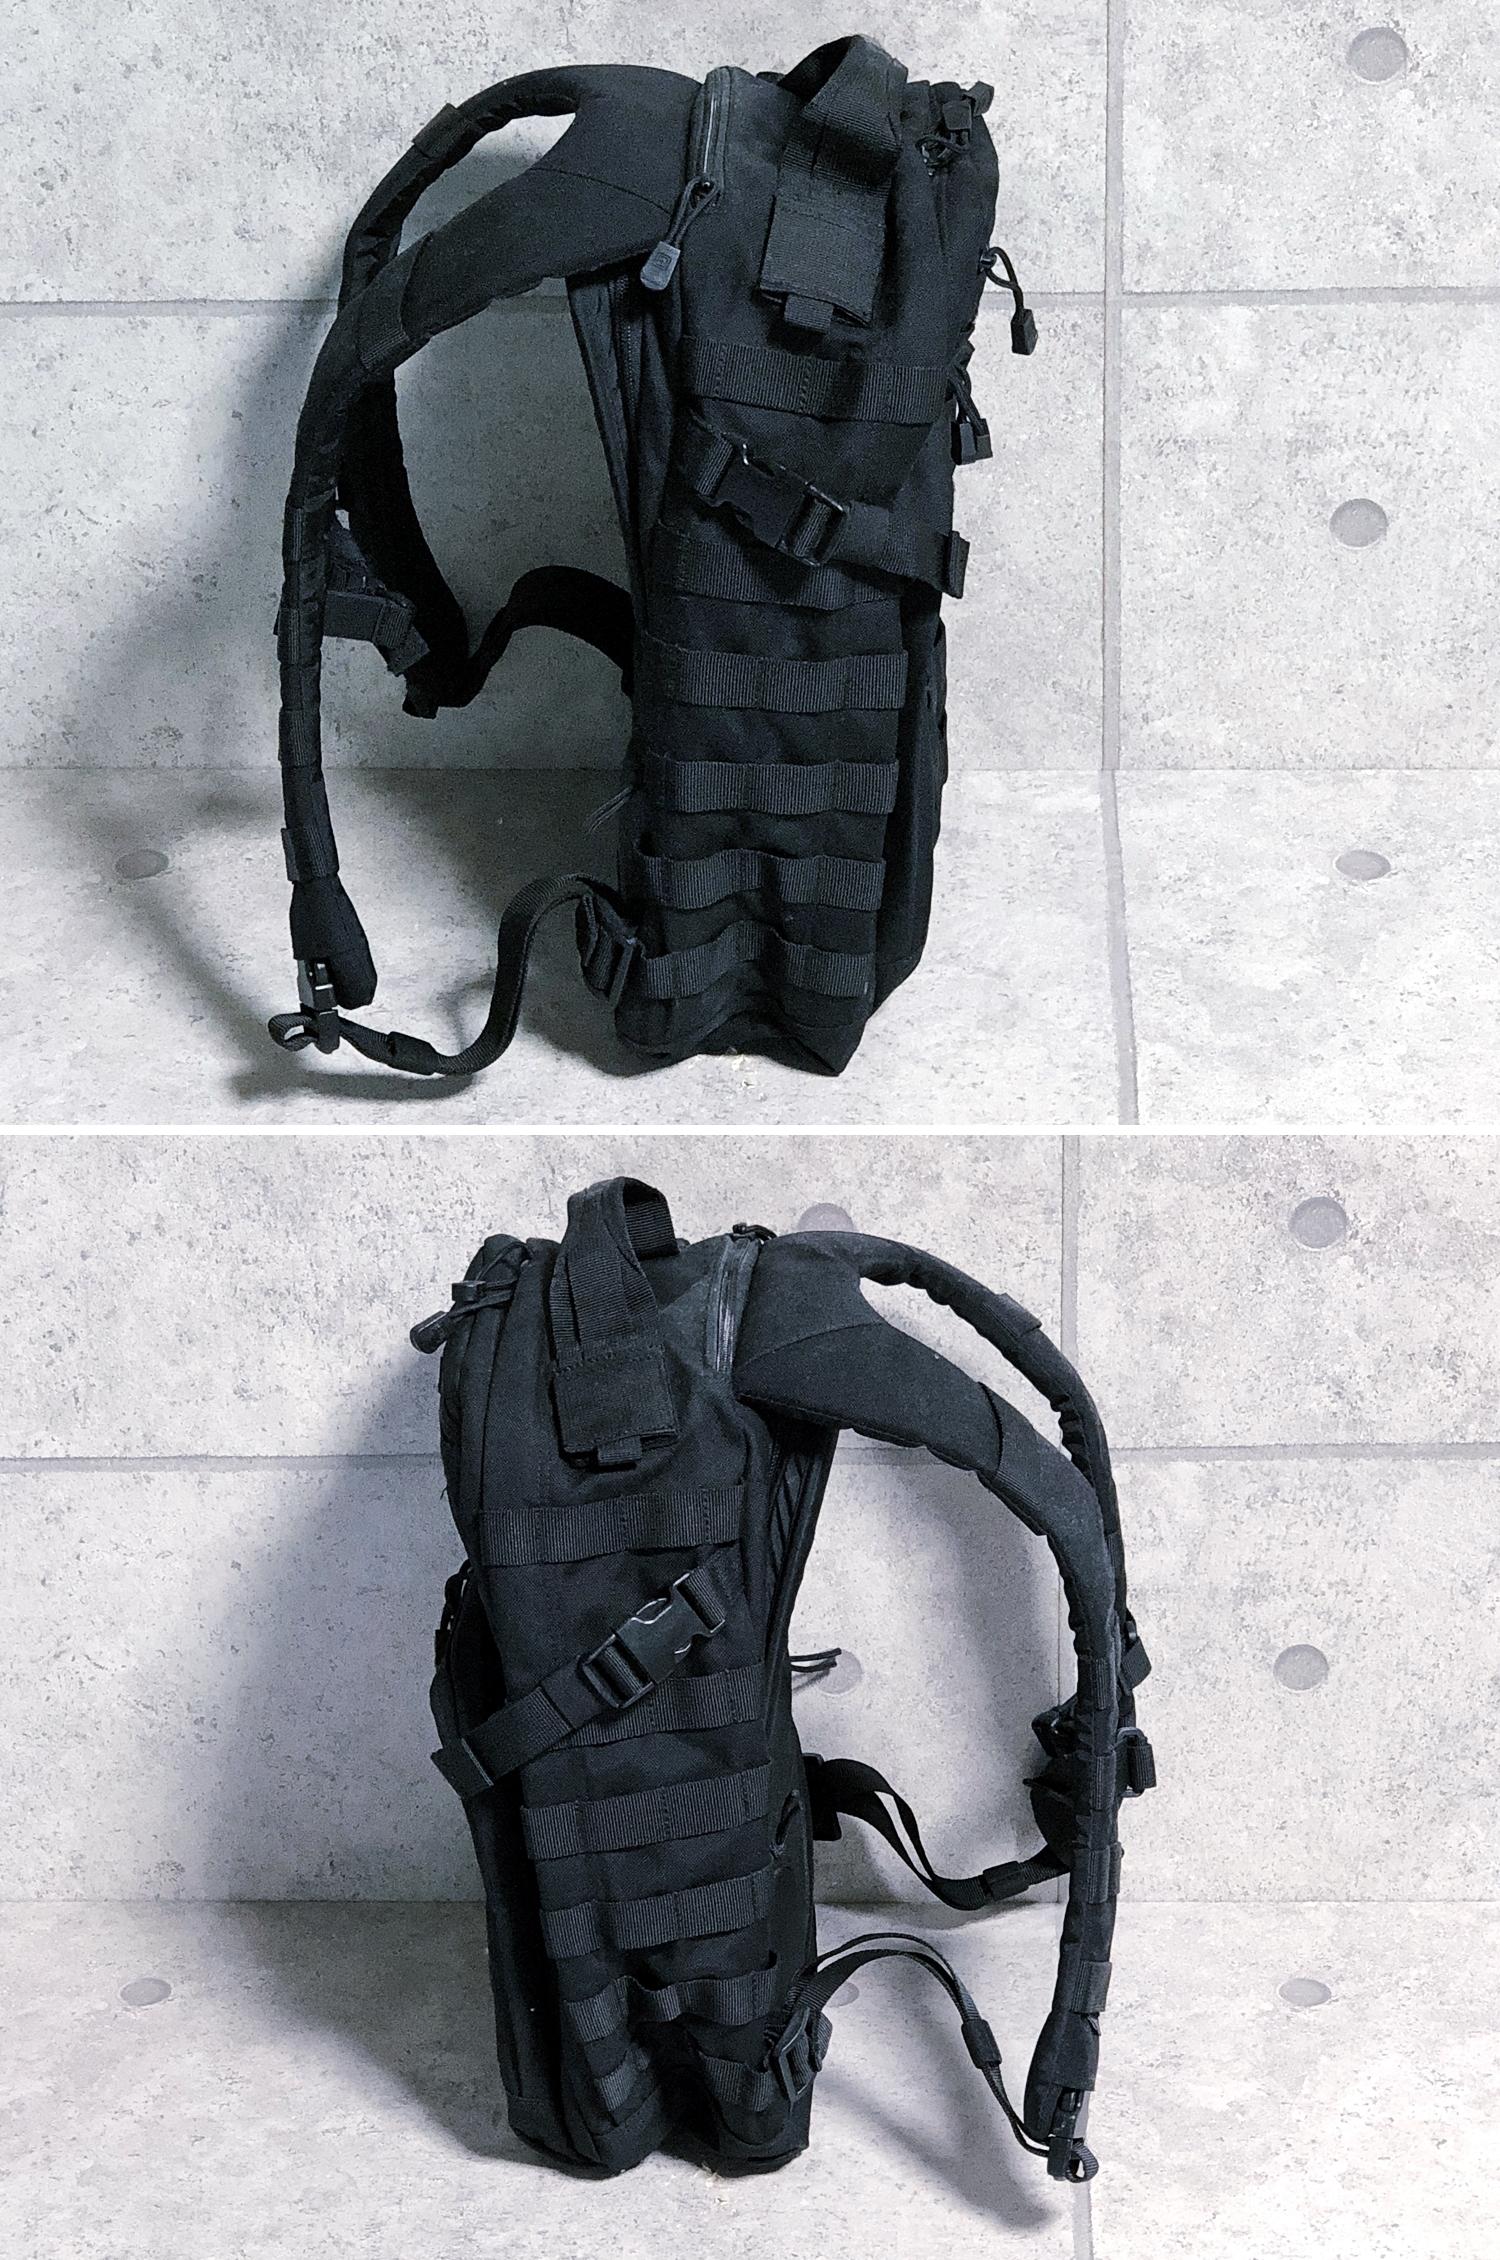 5 実物 511 Tactical RUSH 12 BACKPACK CUSTOM!! ライフルケース・ストラップシステム・ポーチ・ワッペン・ITW TAC LINKなど!! ファイブイレブン タクティカル ラッシュ バックパック カスタム!! 購入 取付 レビュ